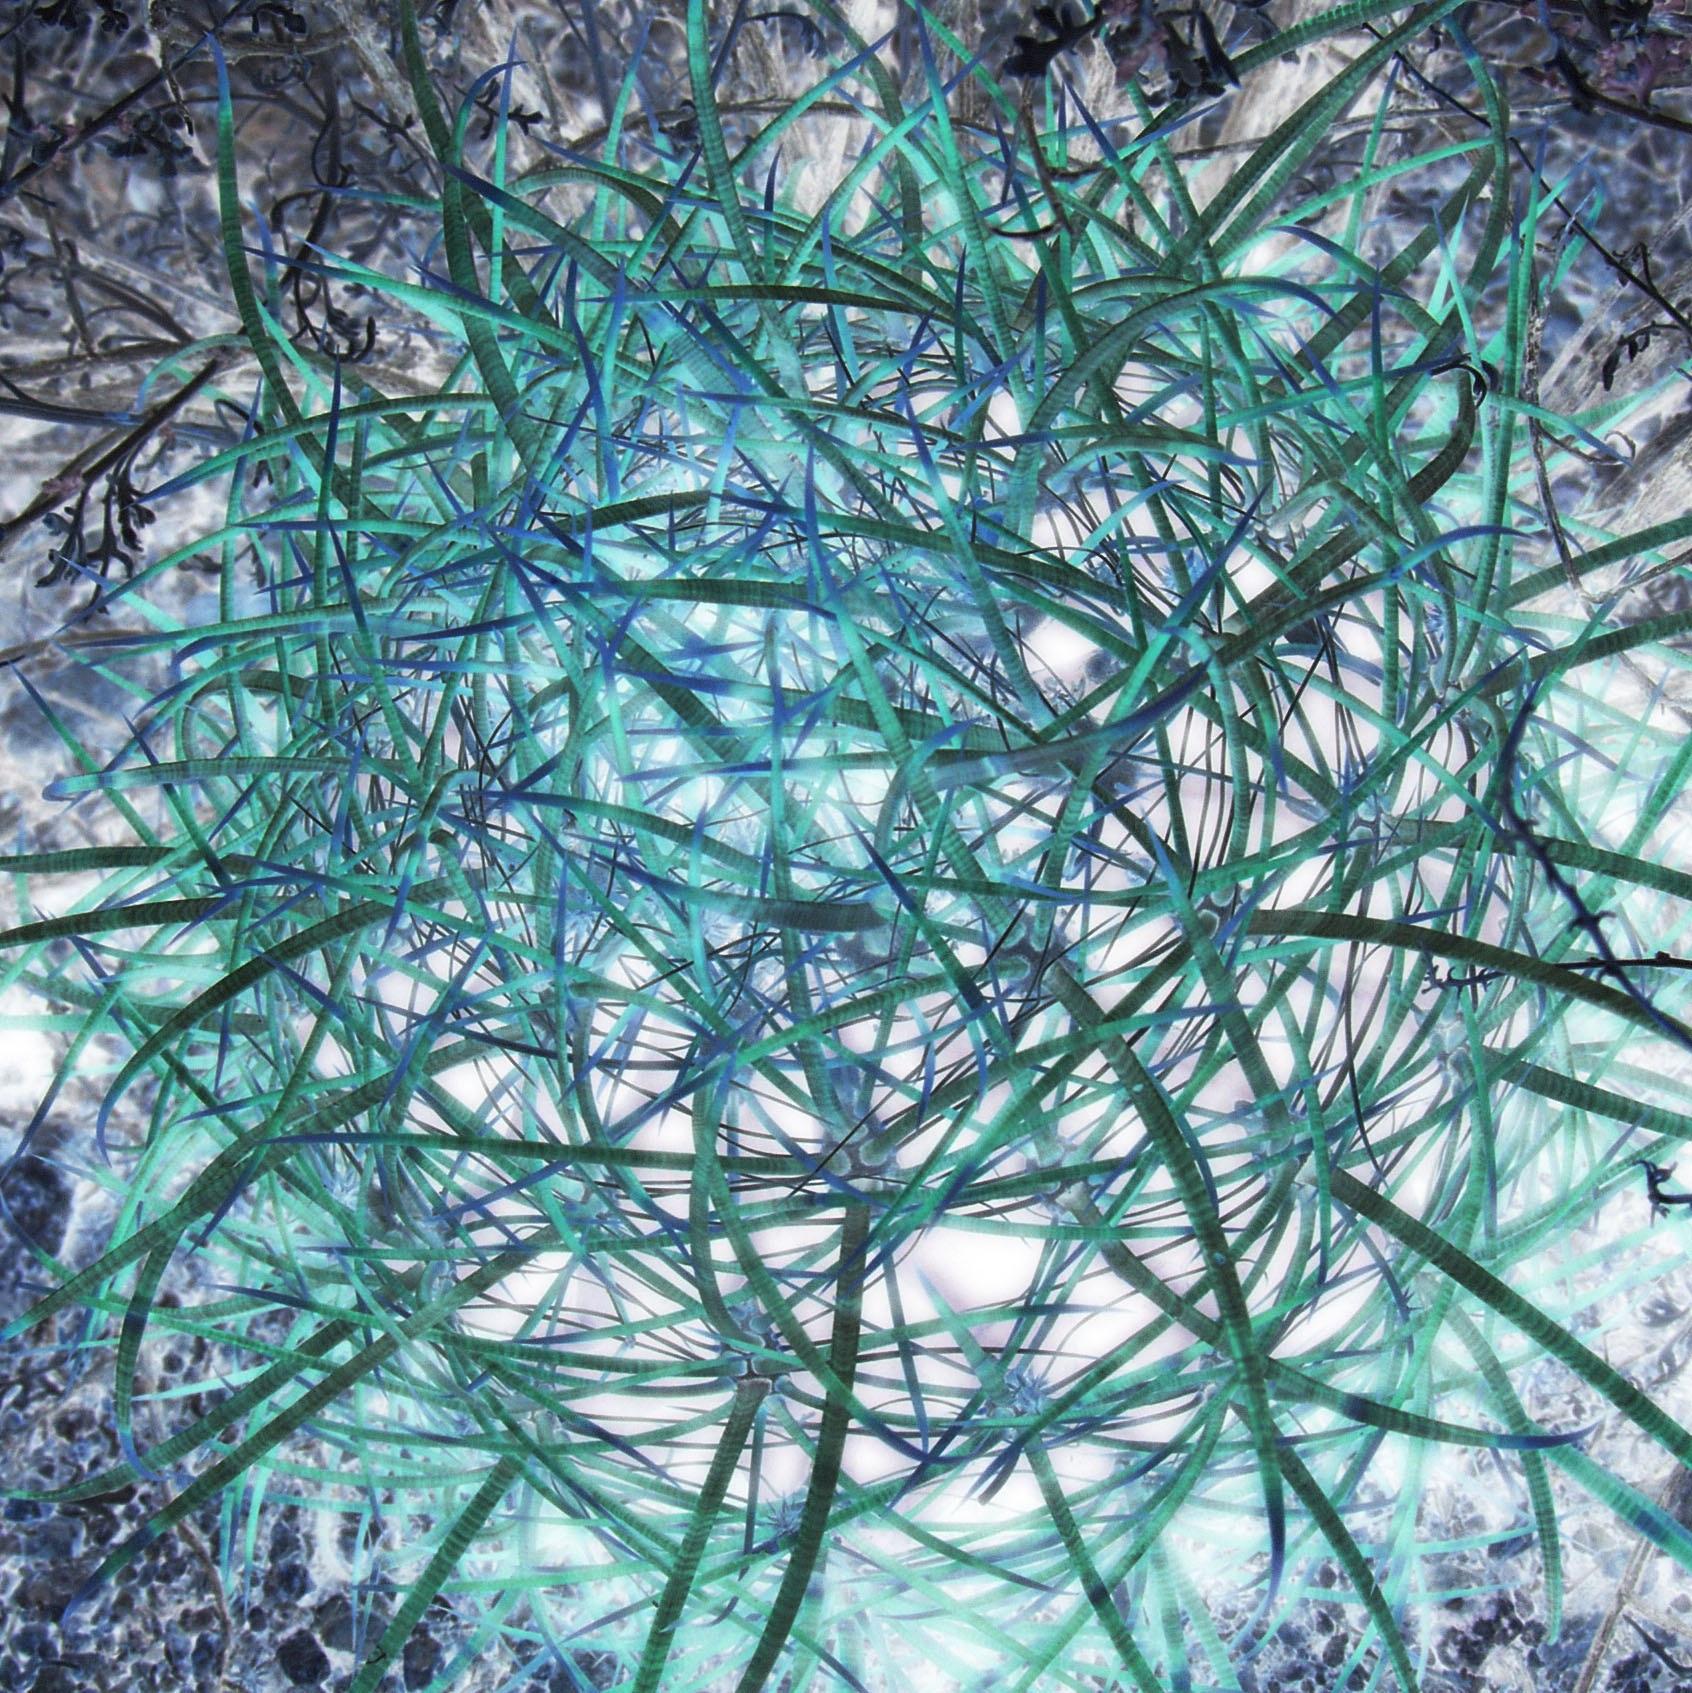 Electric blue cactus